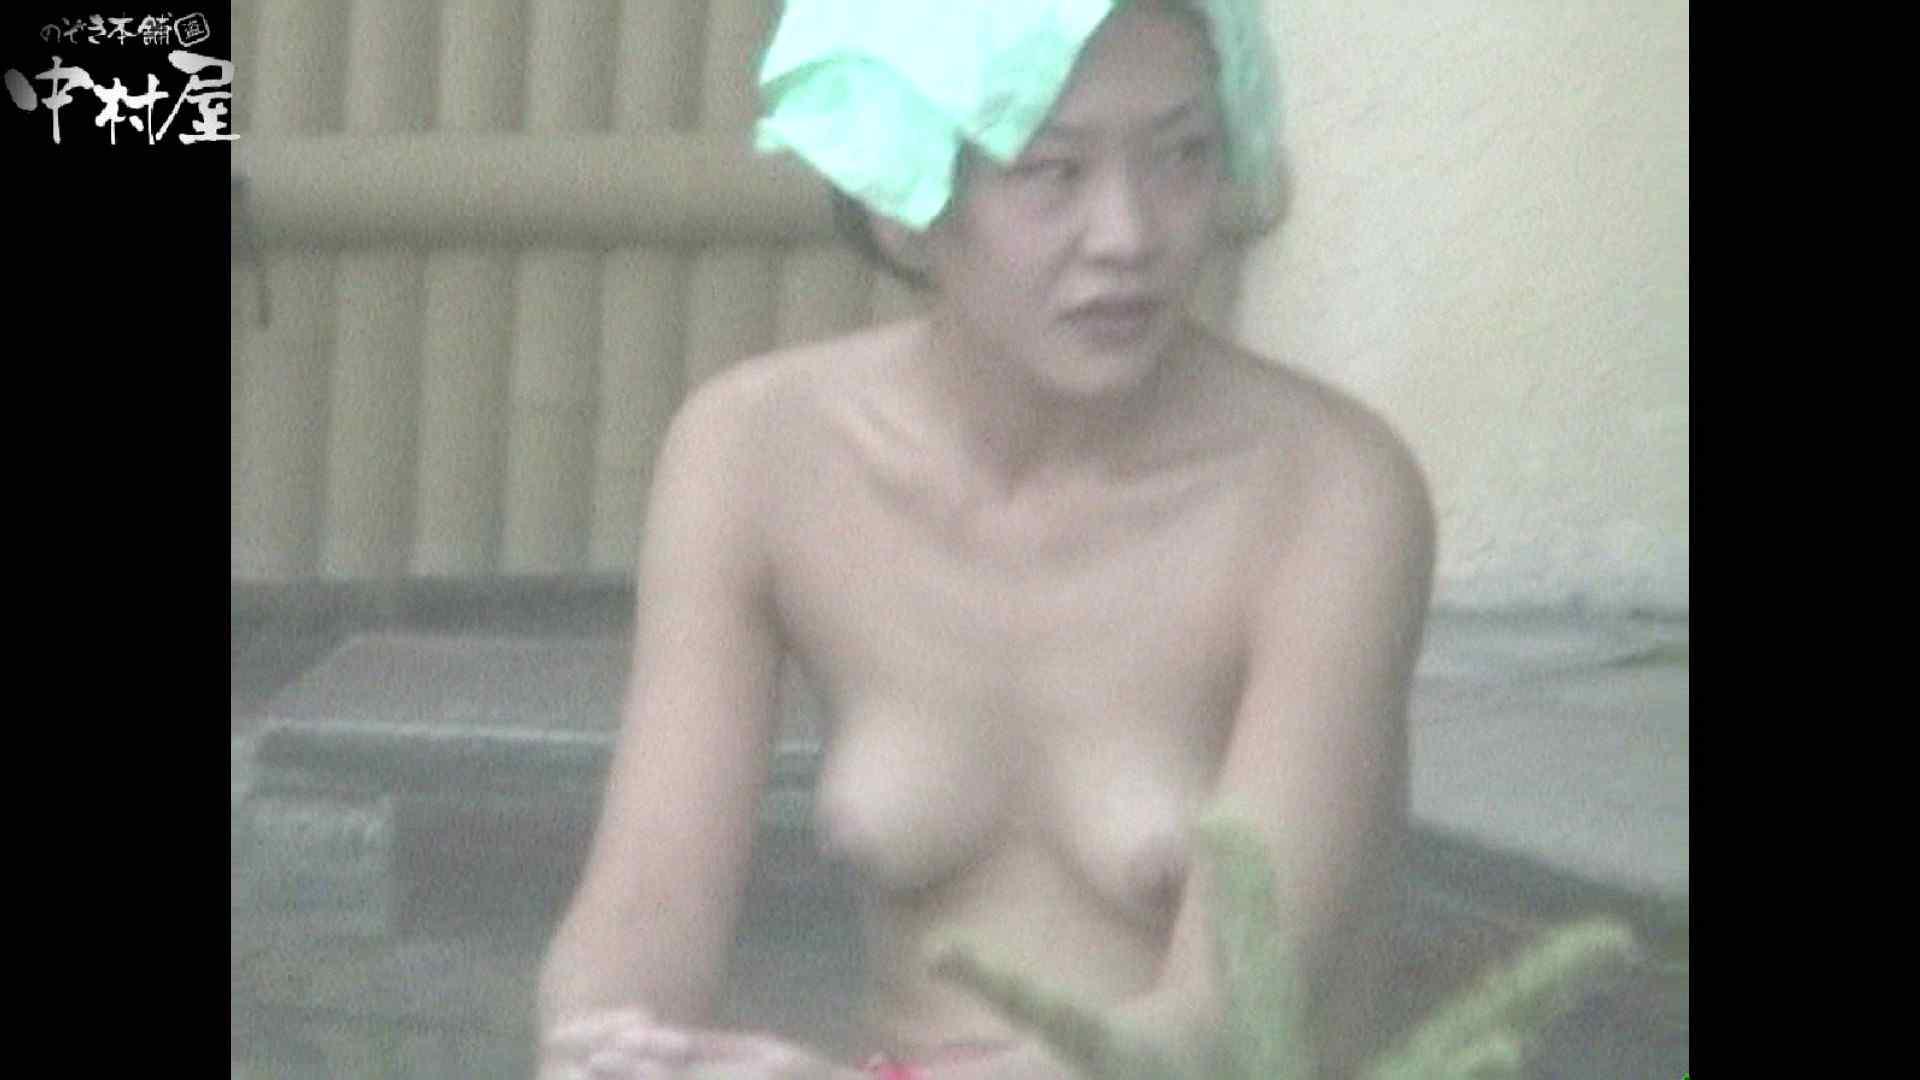 Aquaな露天風呂Vol.931 盗撮 | 露天  67画像 58